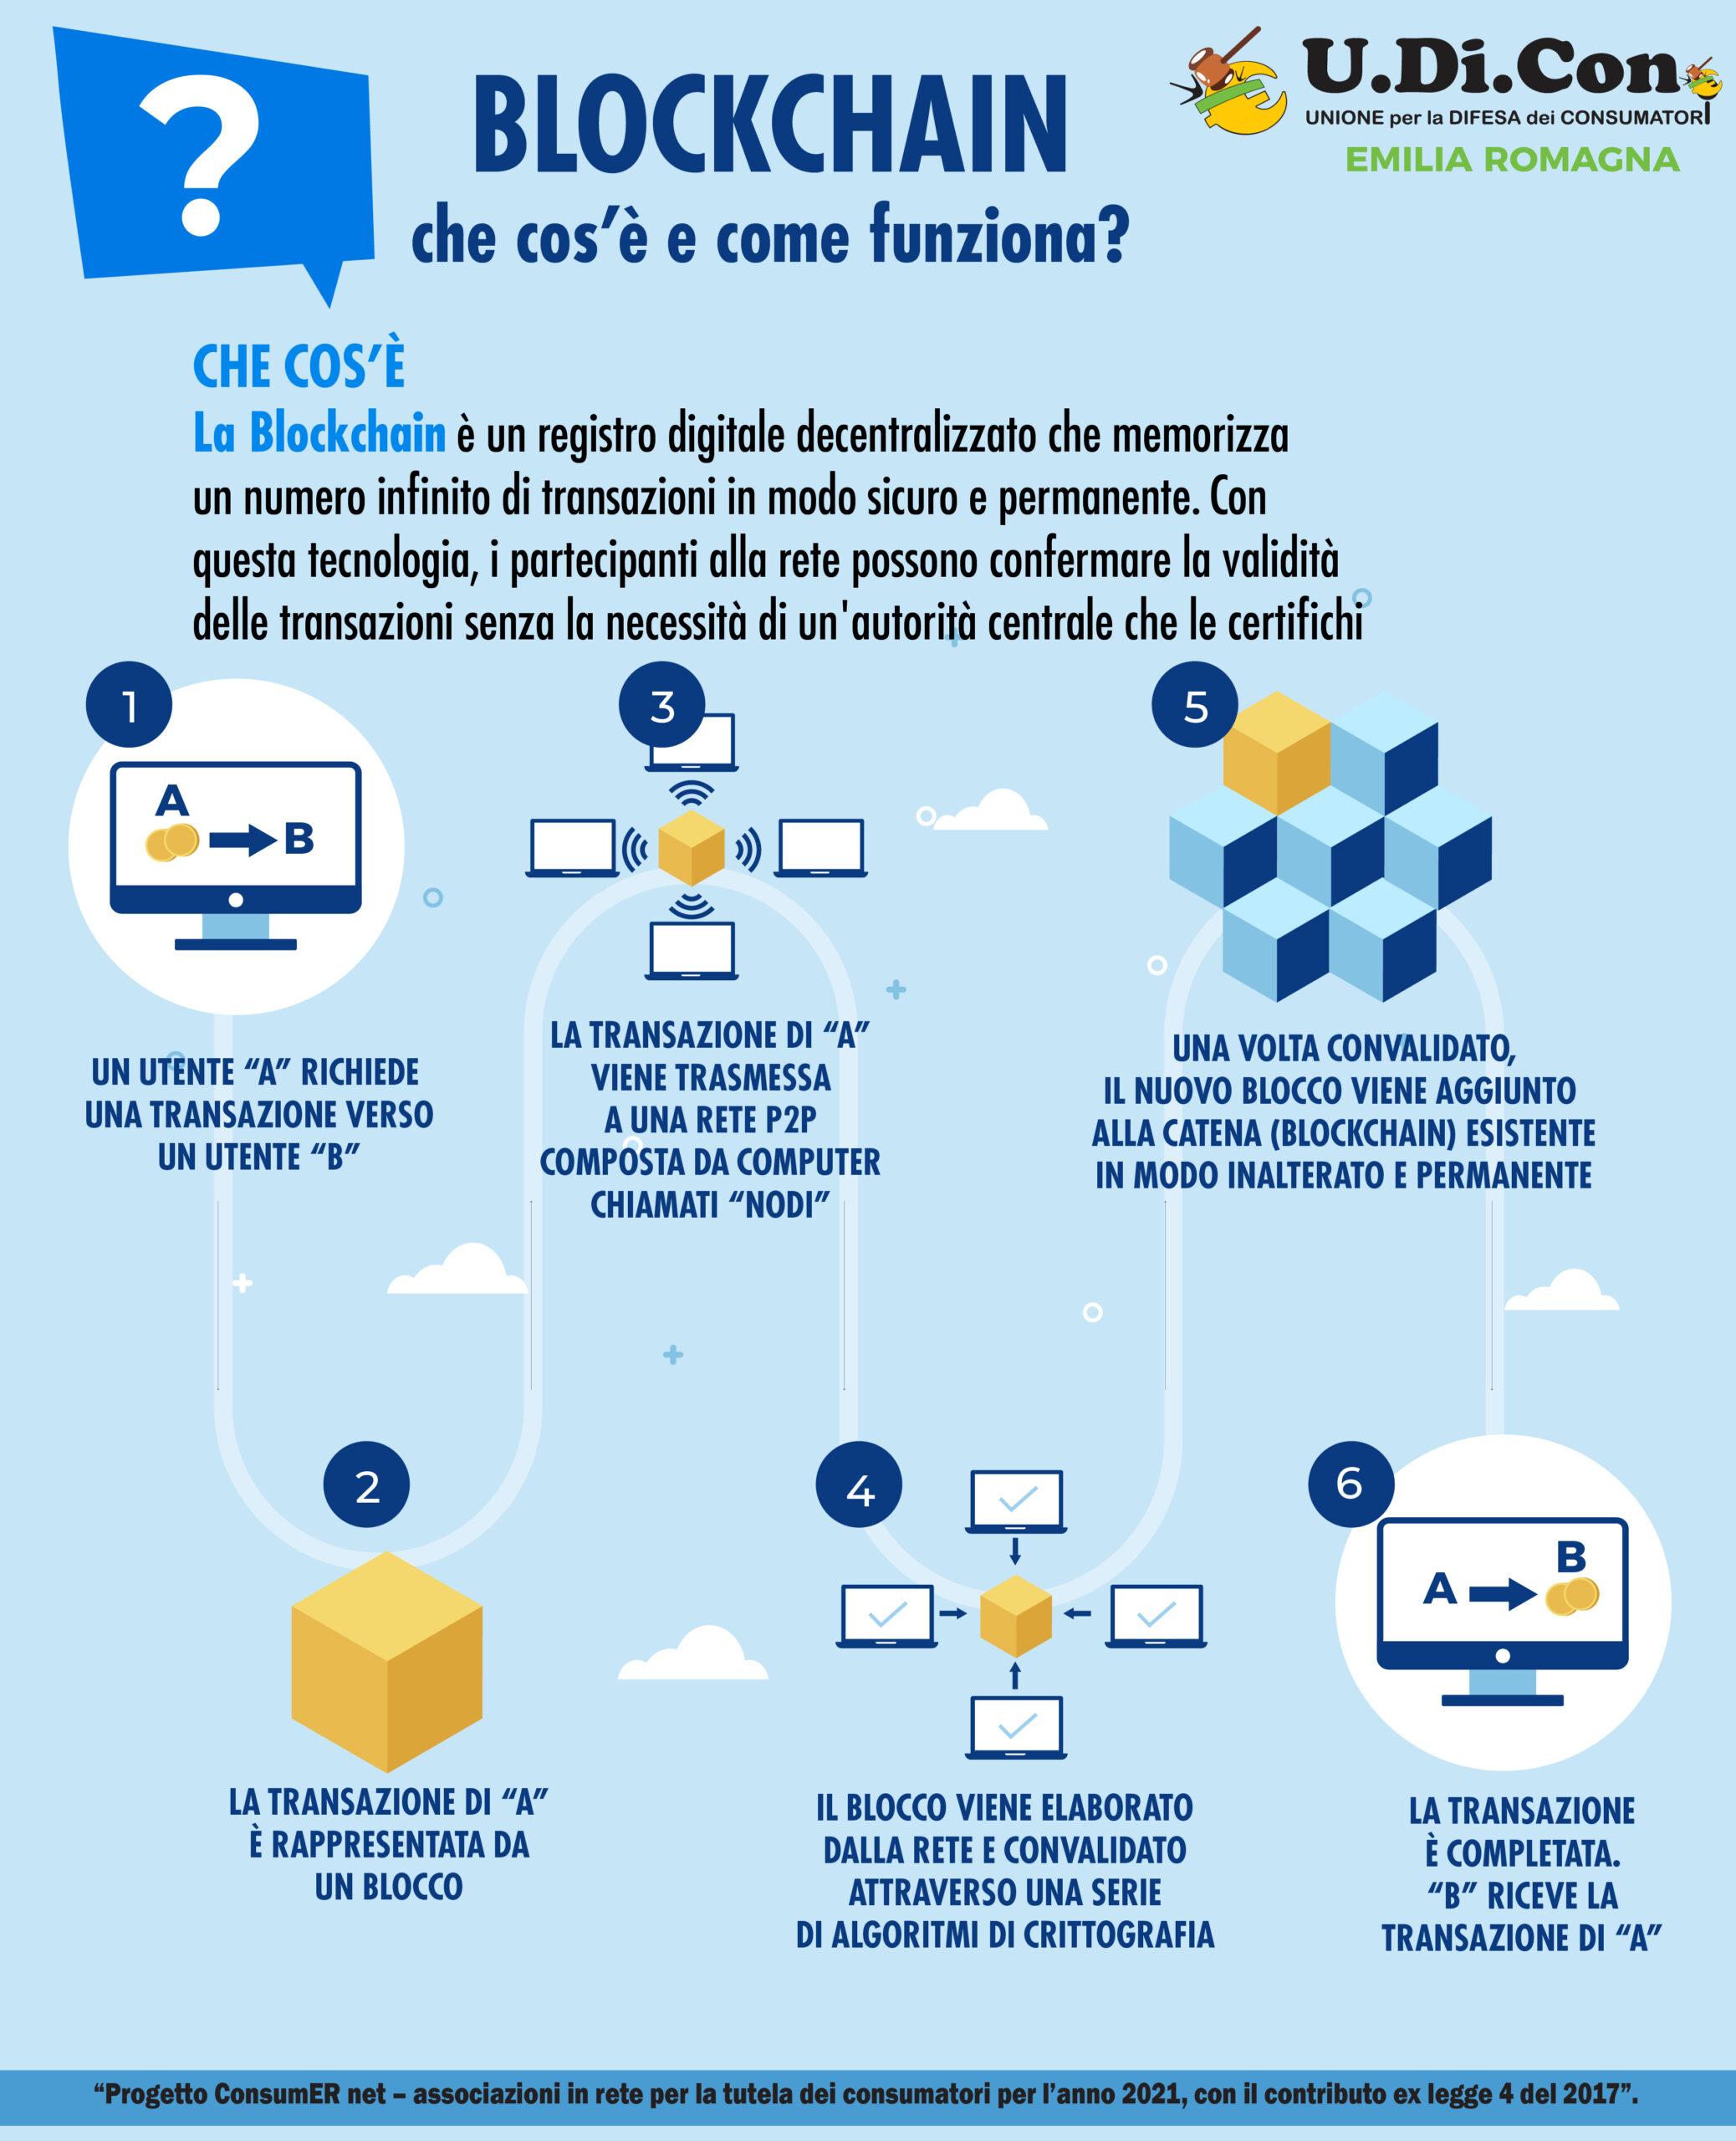 Infografica - Blockchain: che cos'è e come funziona